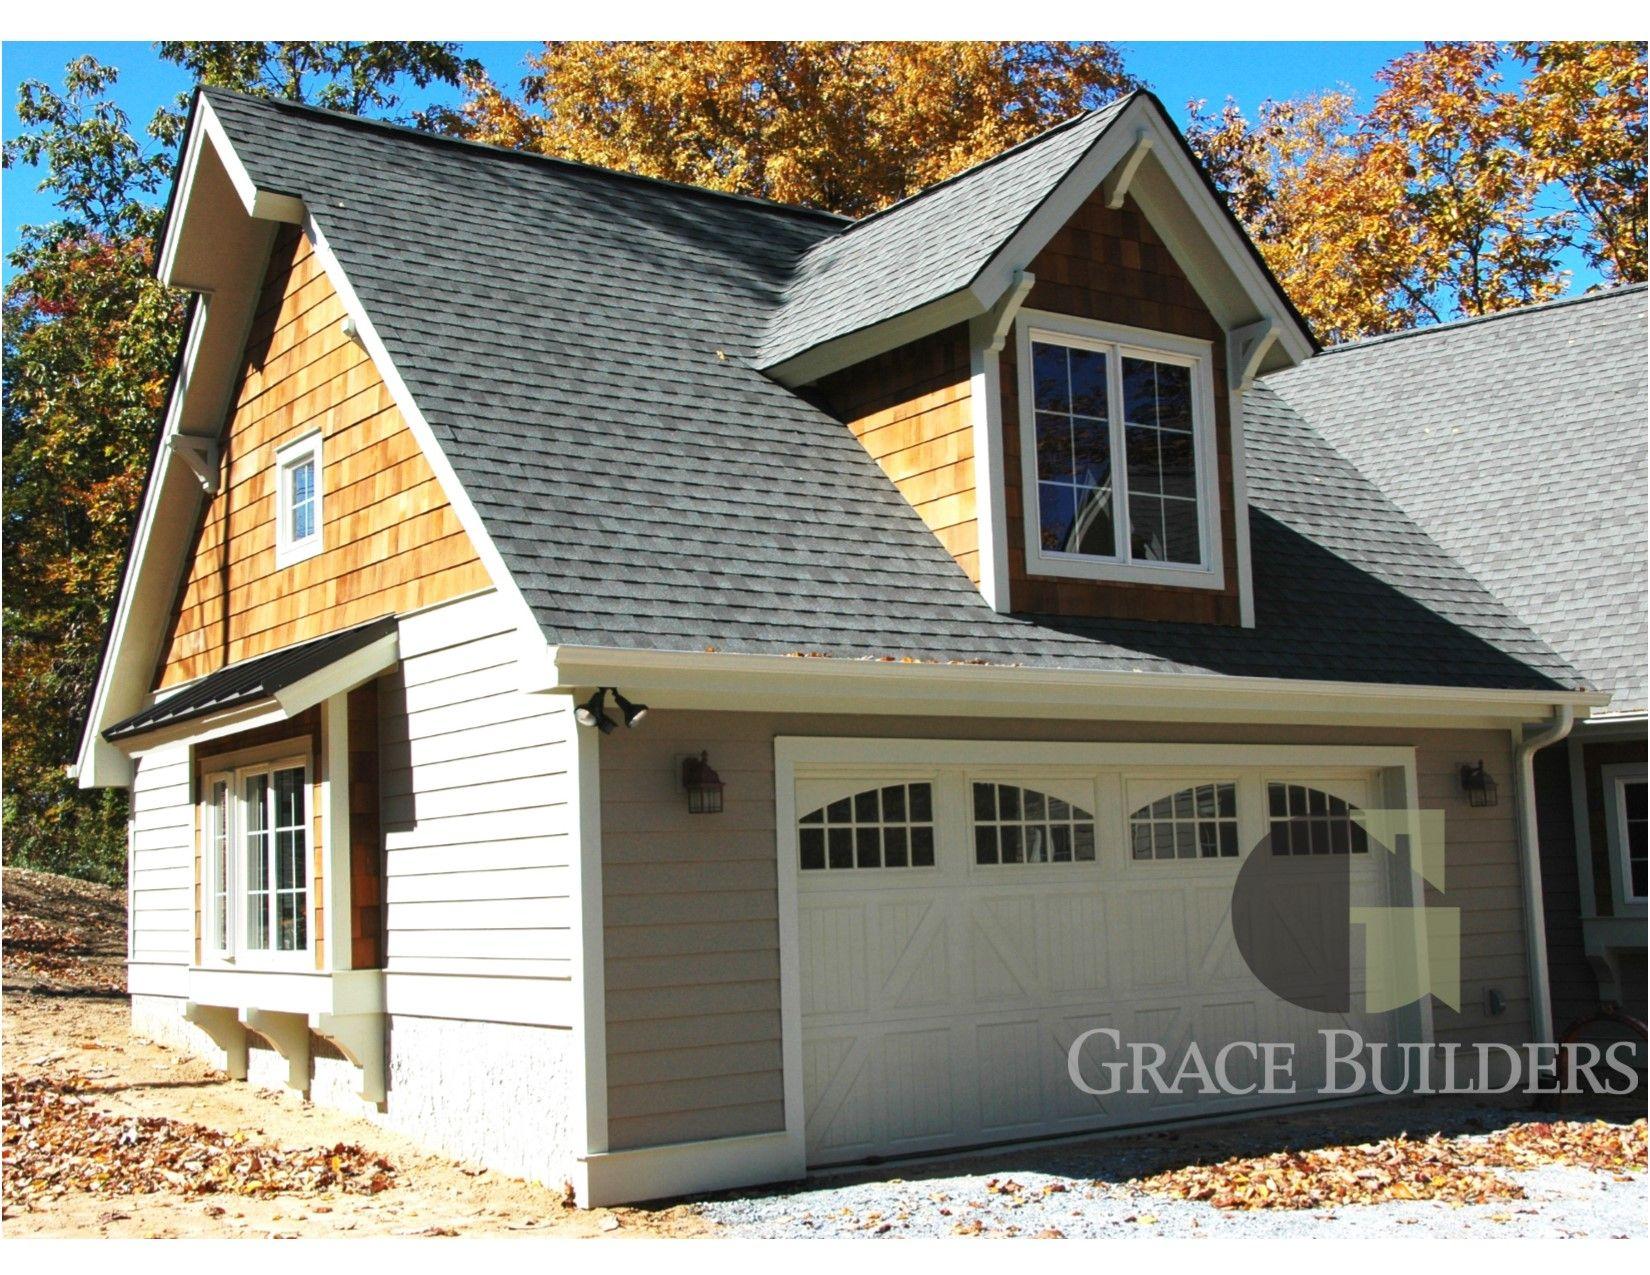 Grace Builders Garage Door Exterior Outdoor Mountain